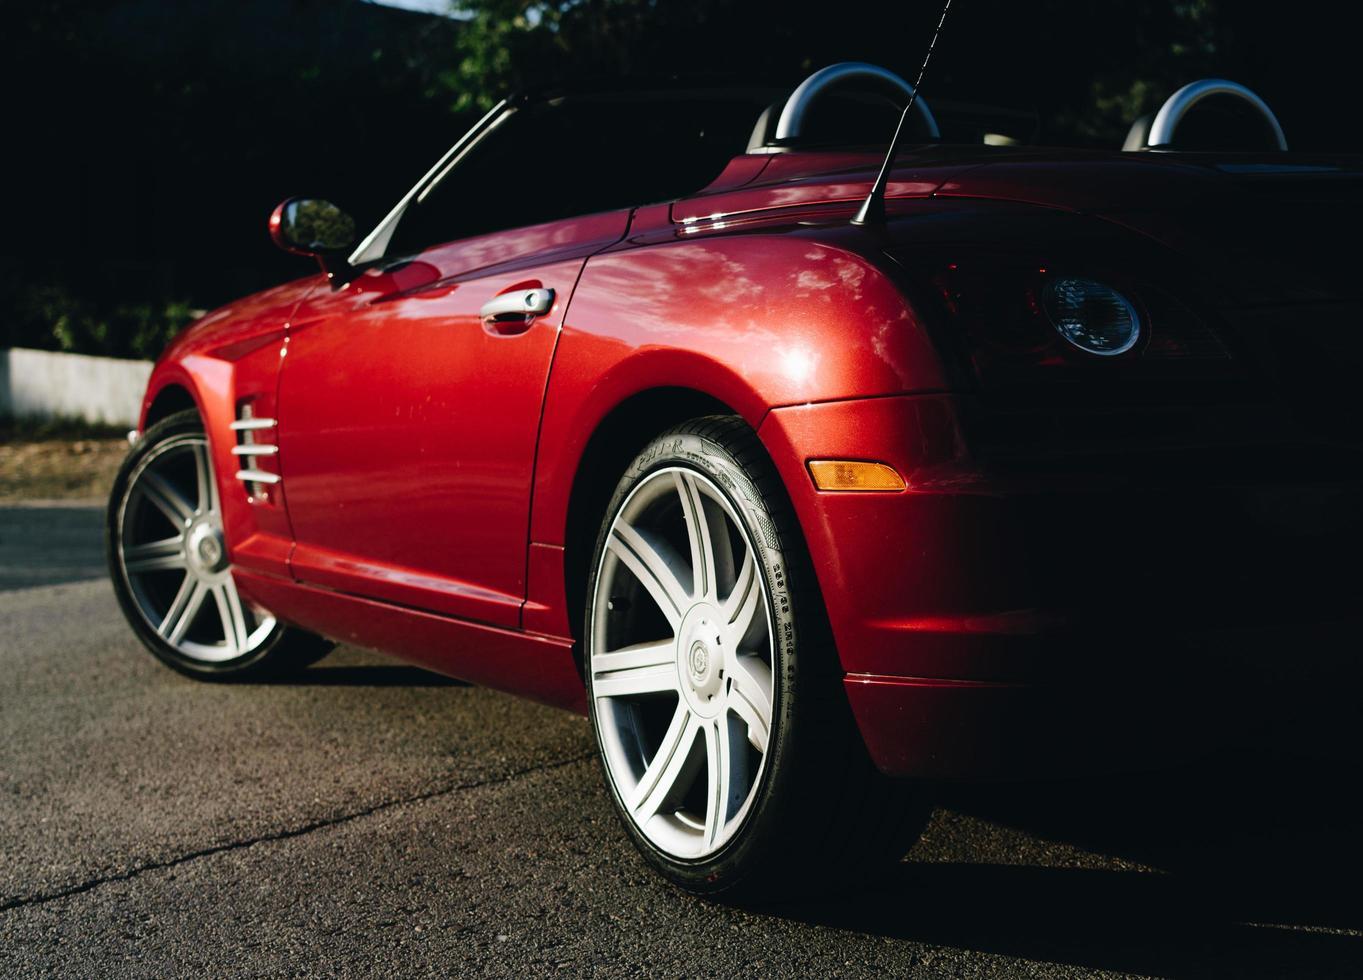 Chrysler Crossfire auf der Straße foto